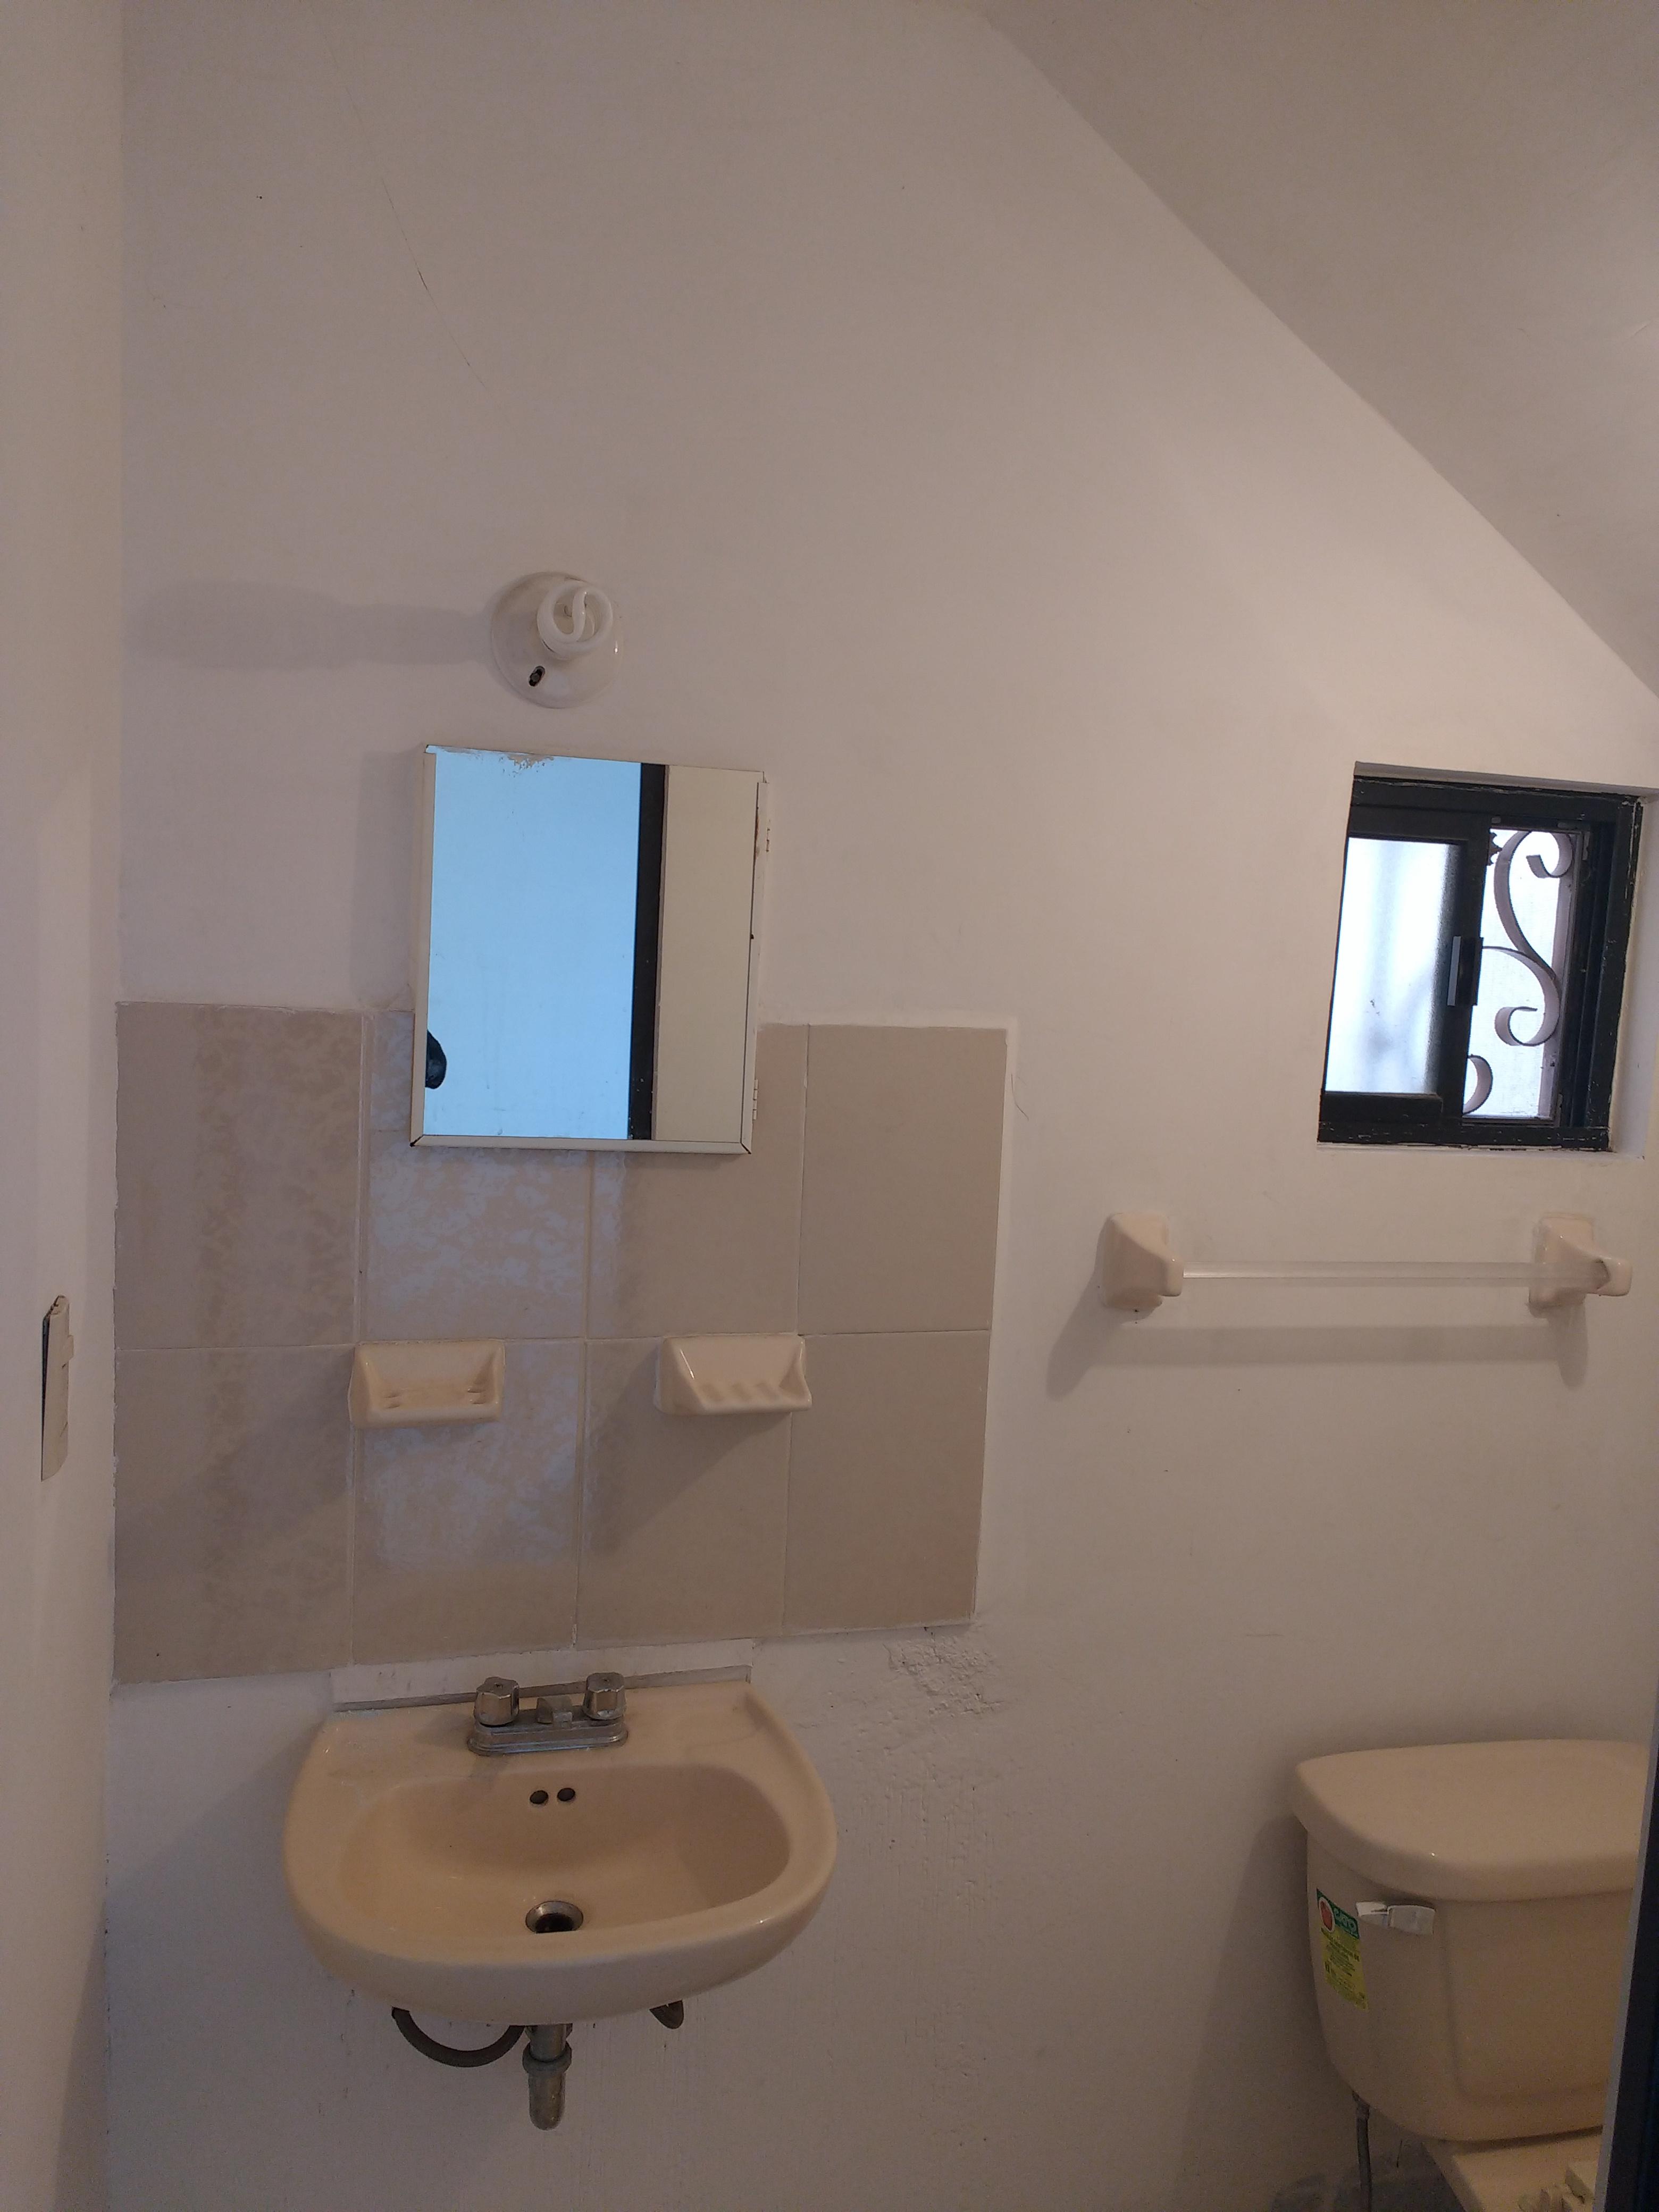 Casa en venta en Nuevo las puentes, Valle de las Palmas, Apodaca NL.  